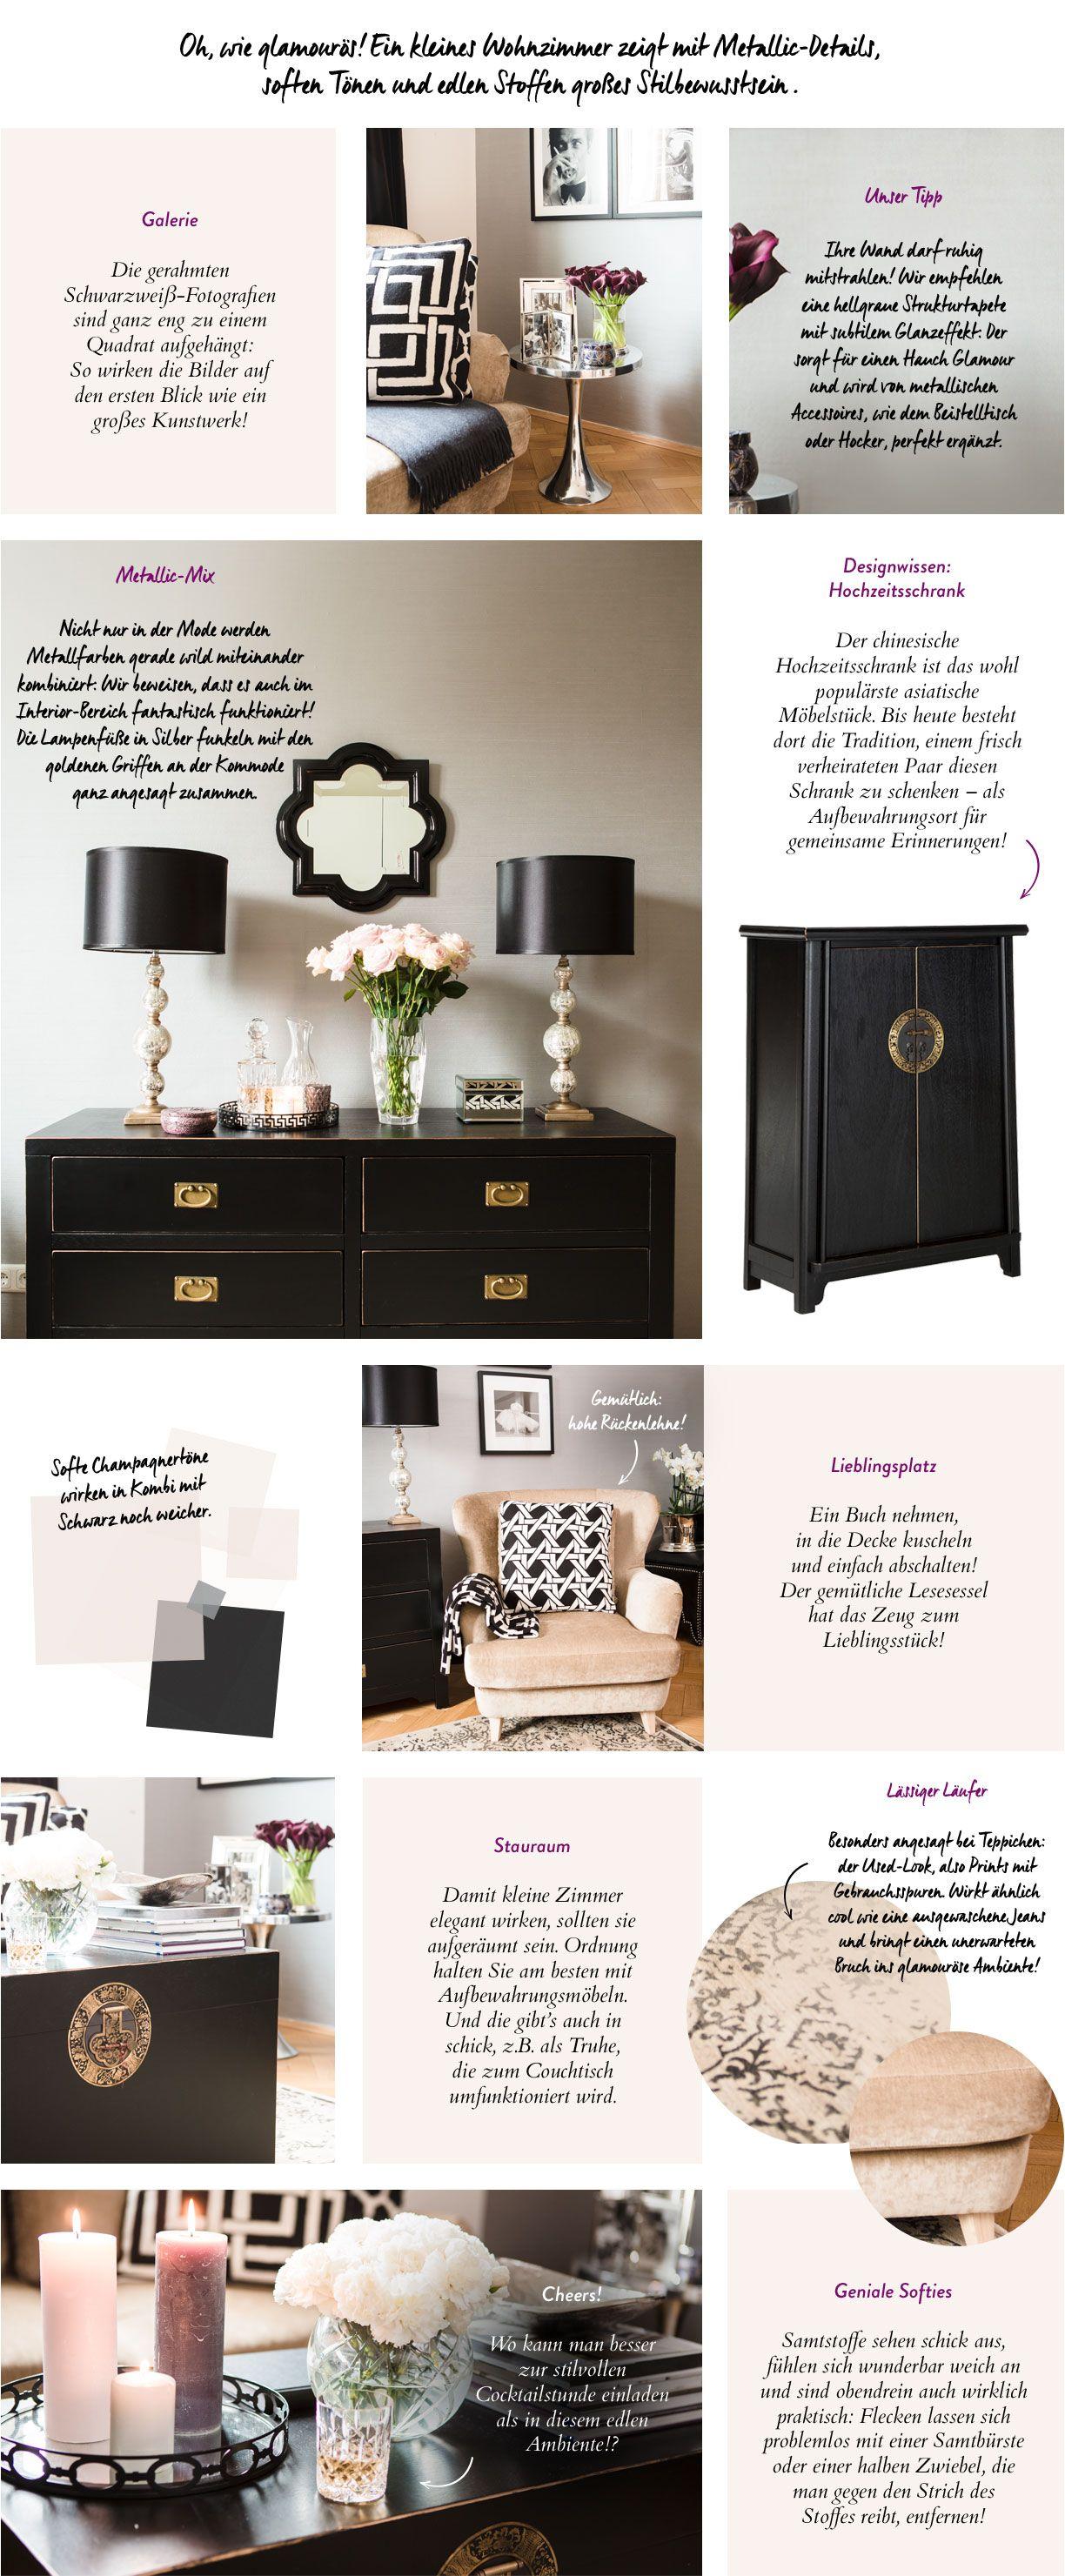 Kleines Wohnzimmer, Salon, Edel, Grau, Schwarz, Gold, Champagner, Rosa